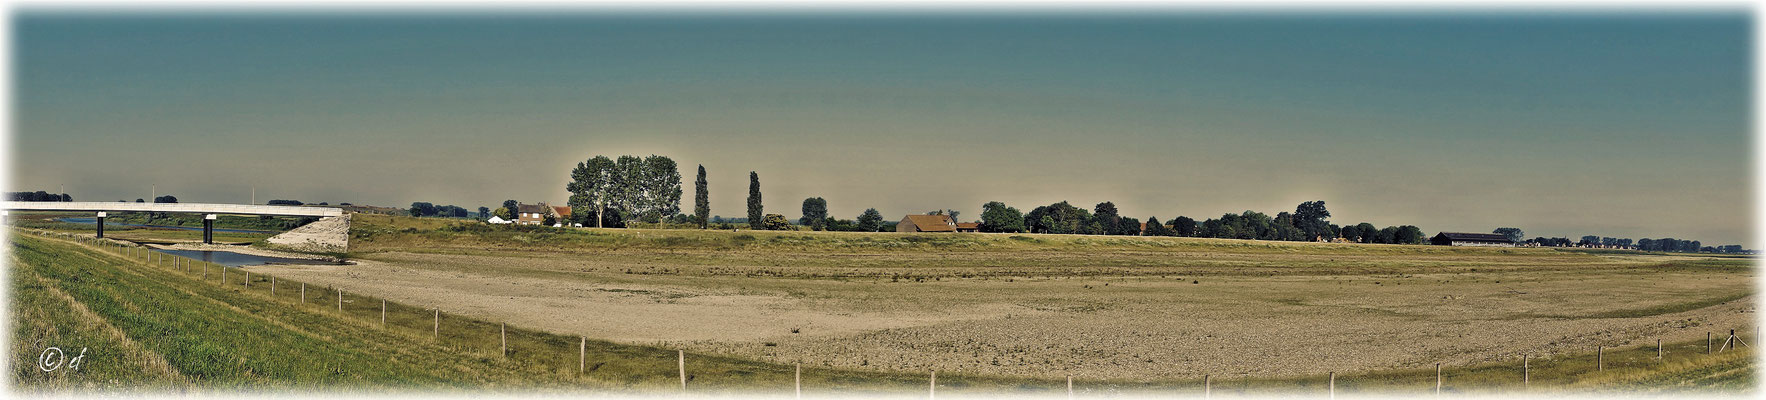 Panoramaaufnahme der renaturierten Maaslandschaft